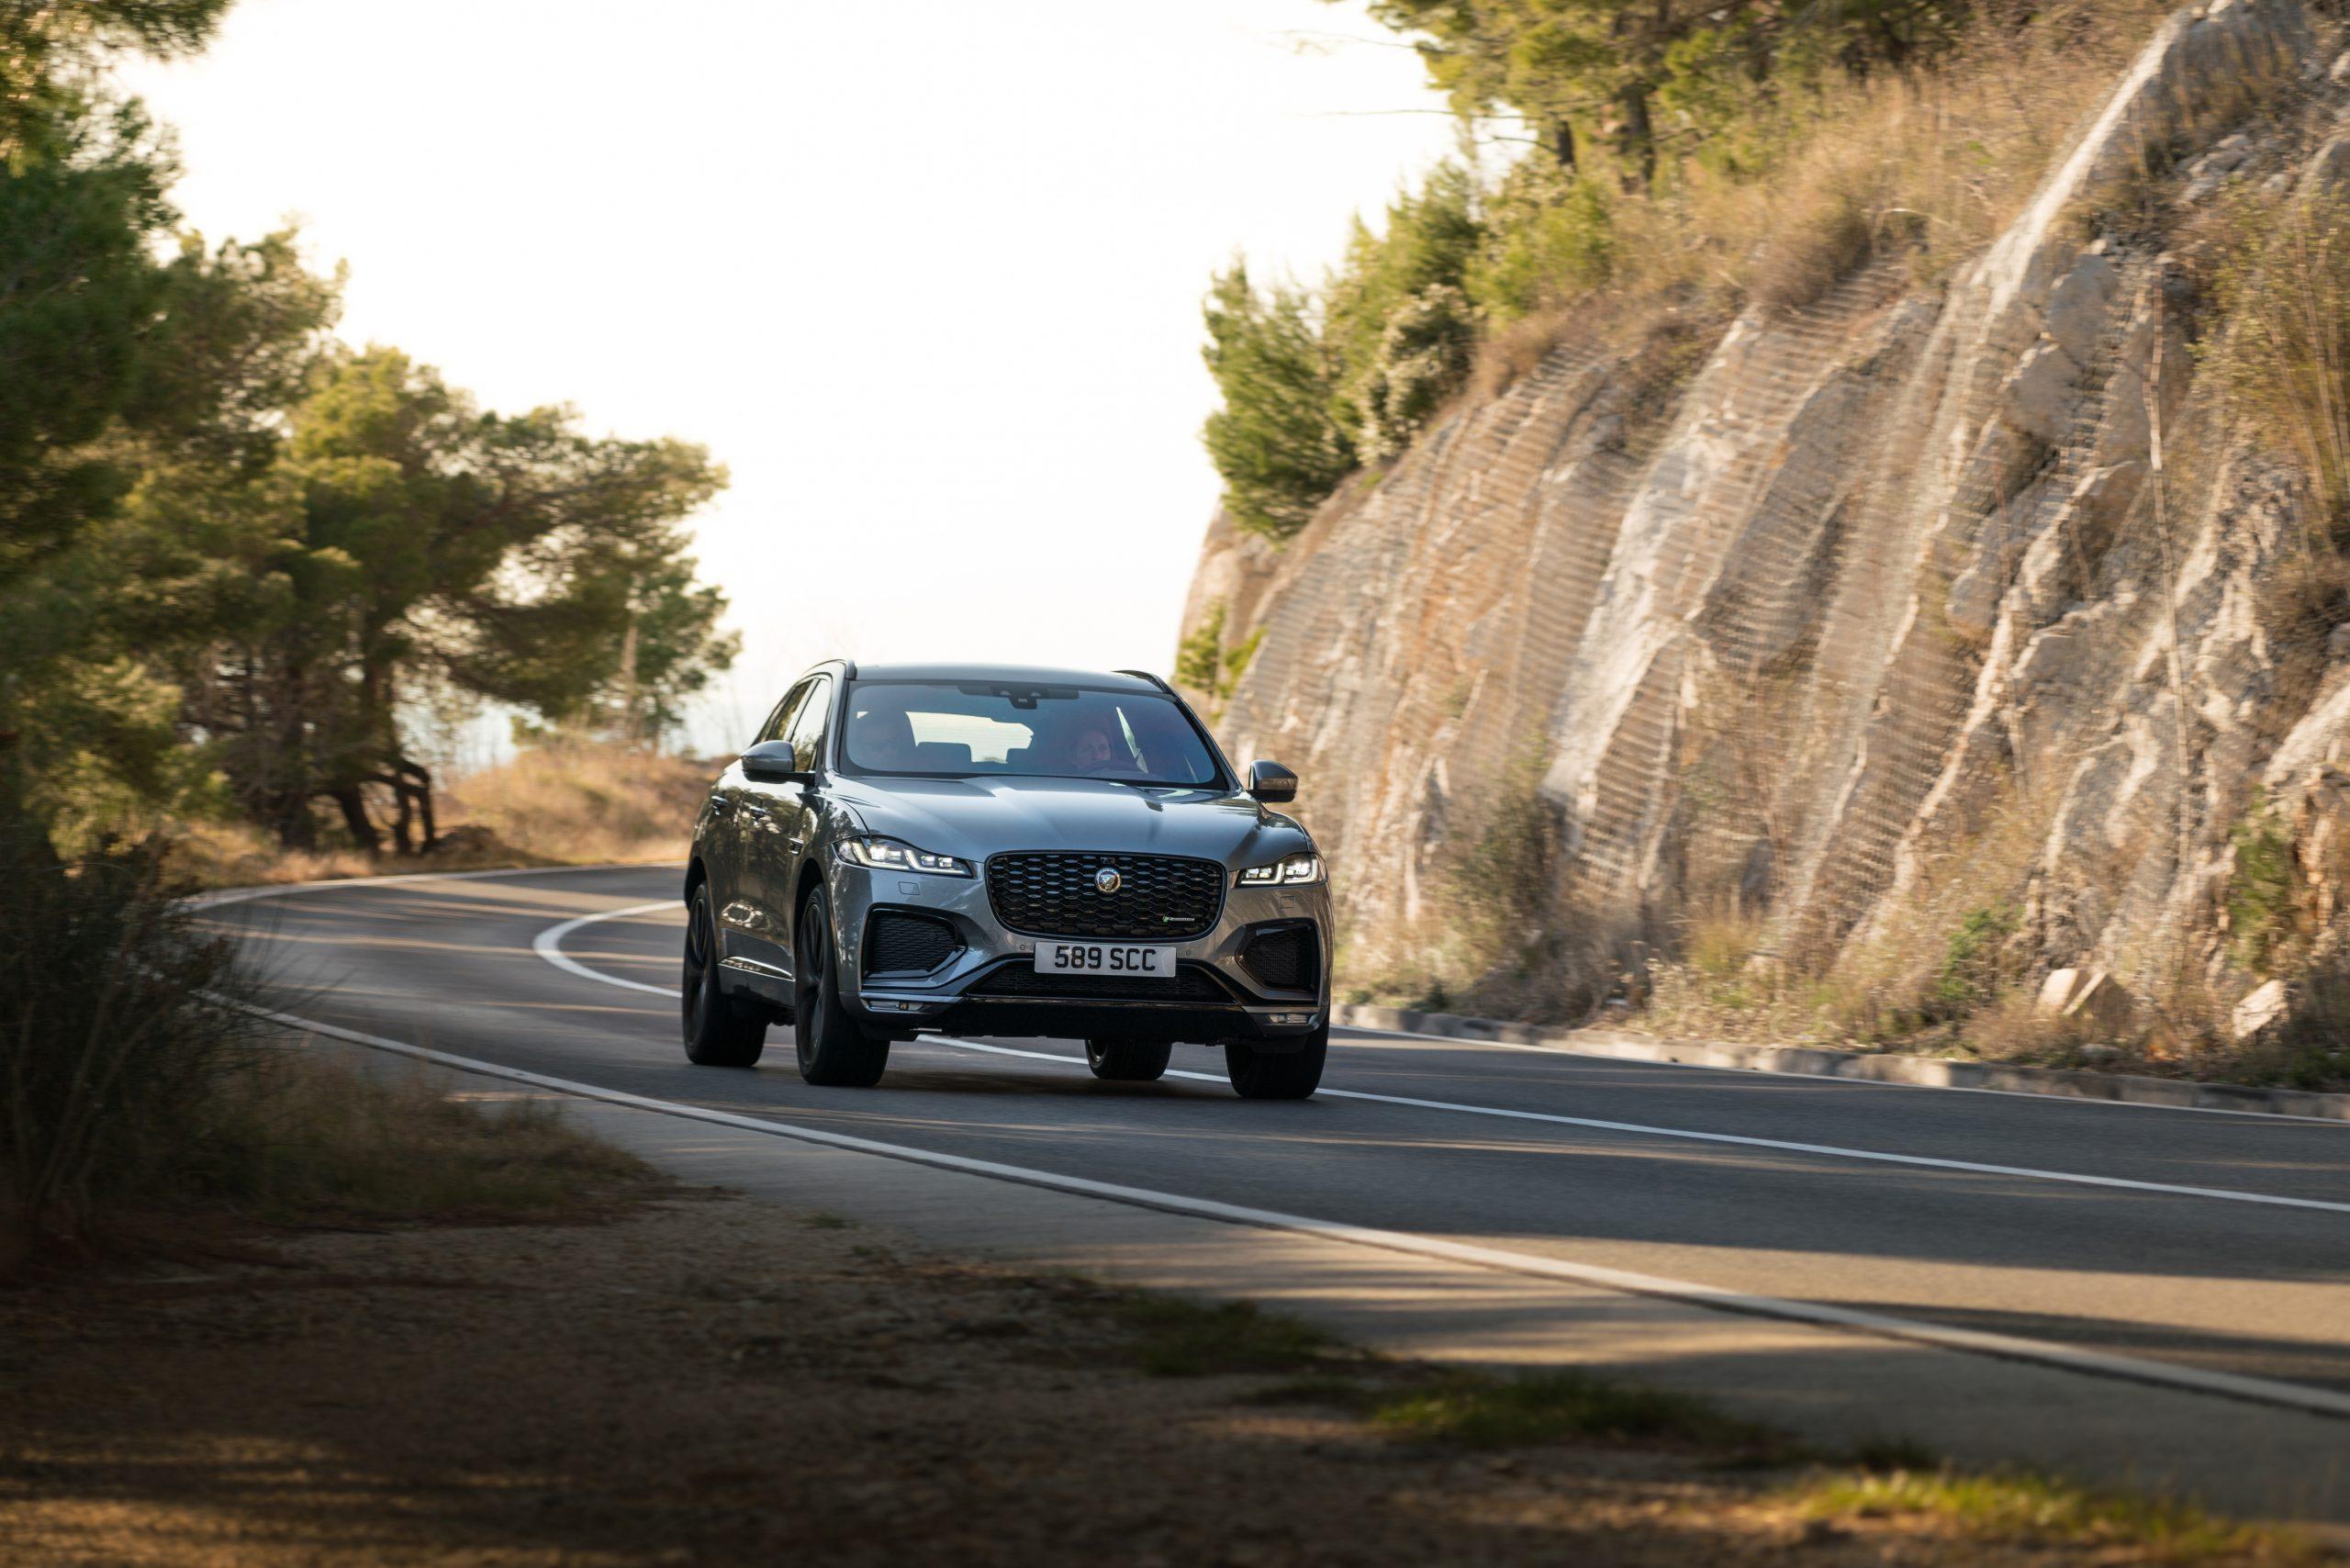 2021 Jaguar F-PACE exterior